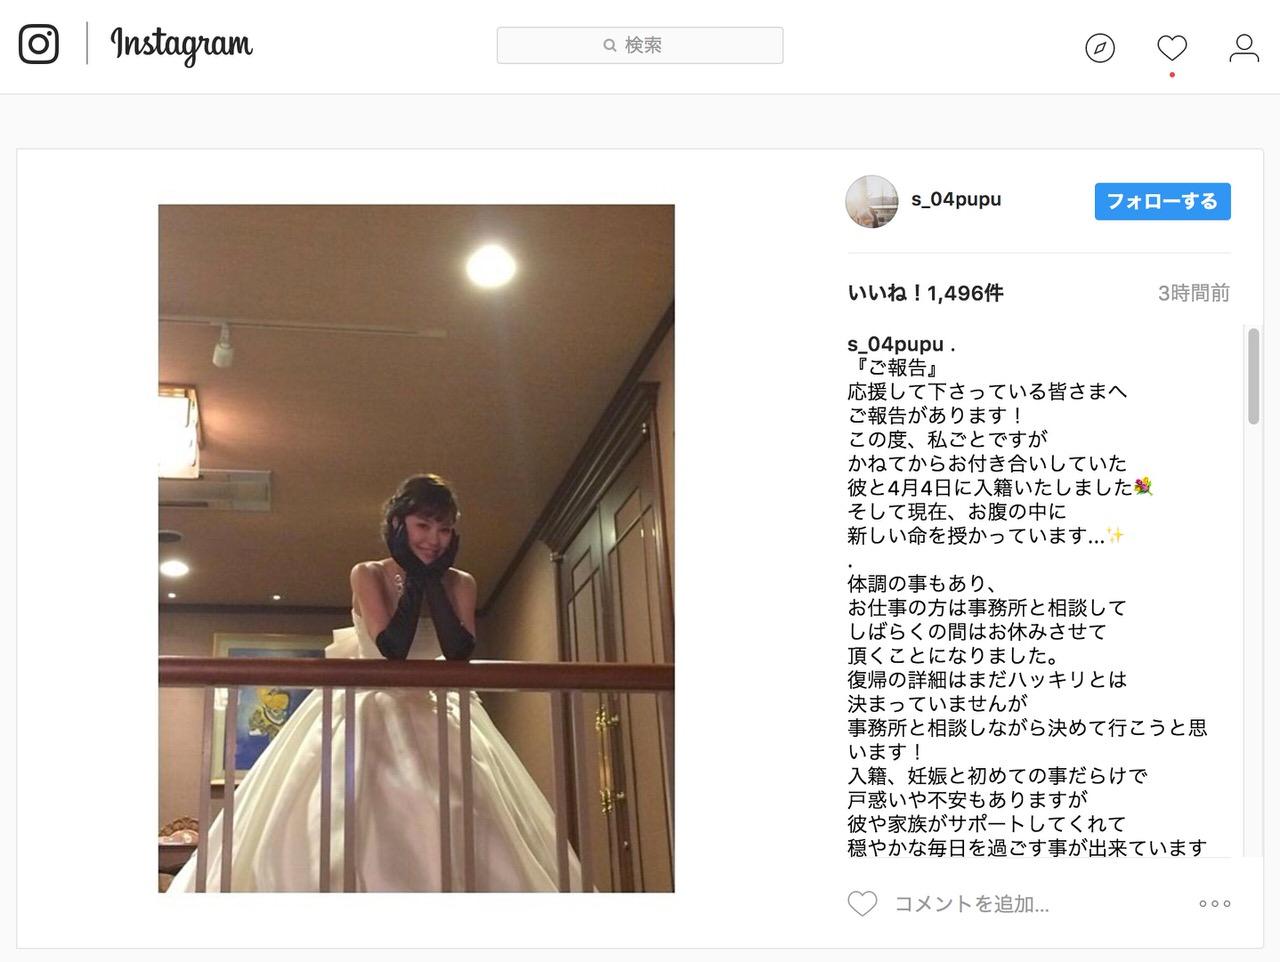 元NMB48・松田栞、Instagramで結婚と妊娠を発表